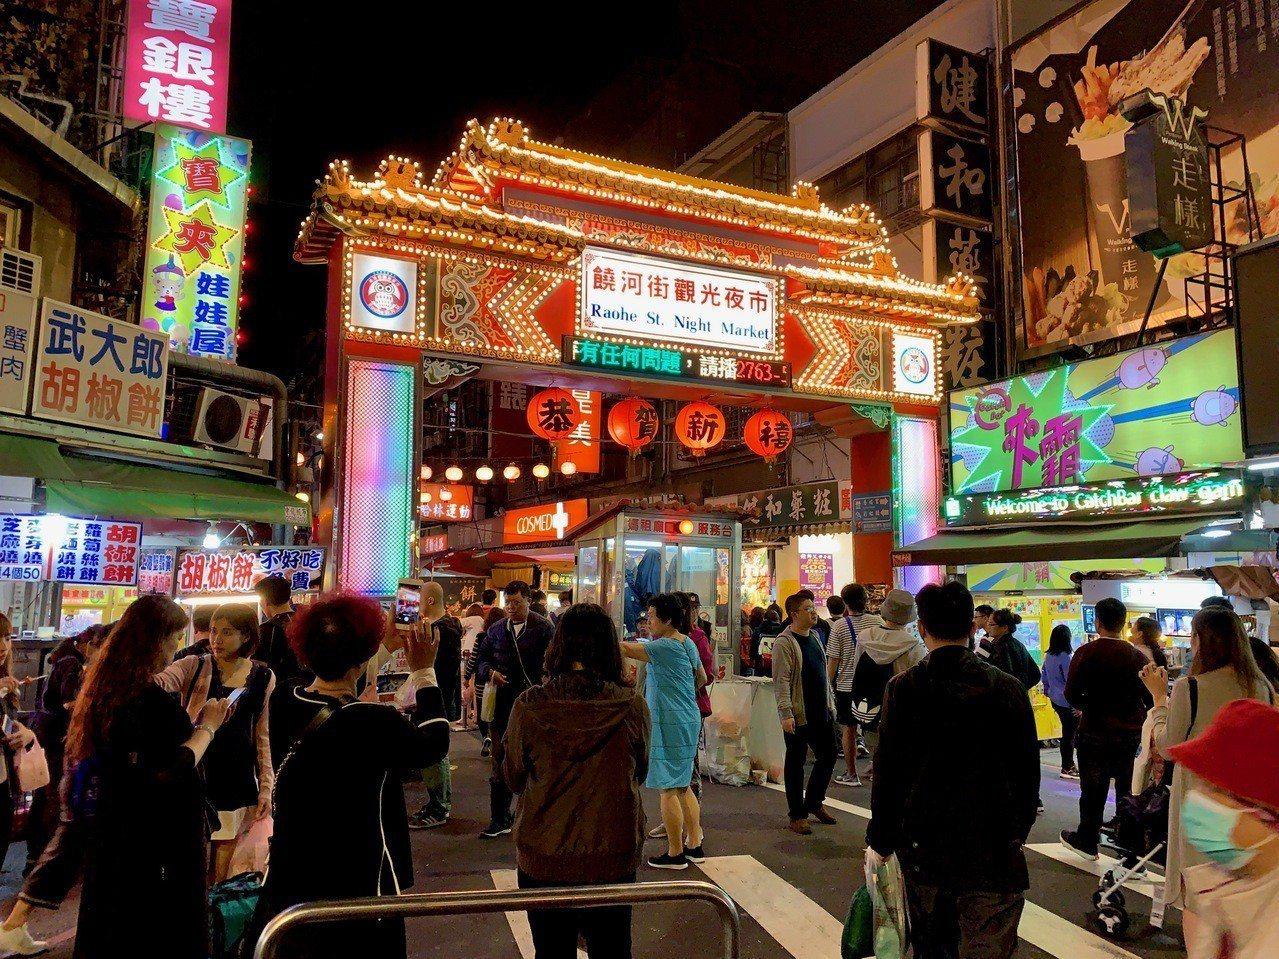 饒河街觀光夜市吸引大批觀光人潮。記者張芳瑜/攝影